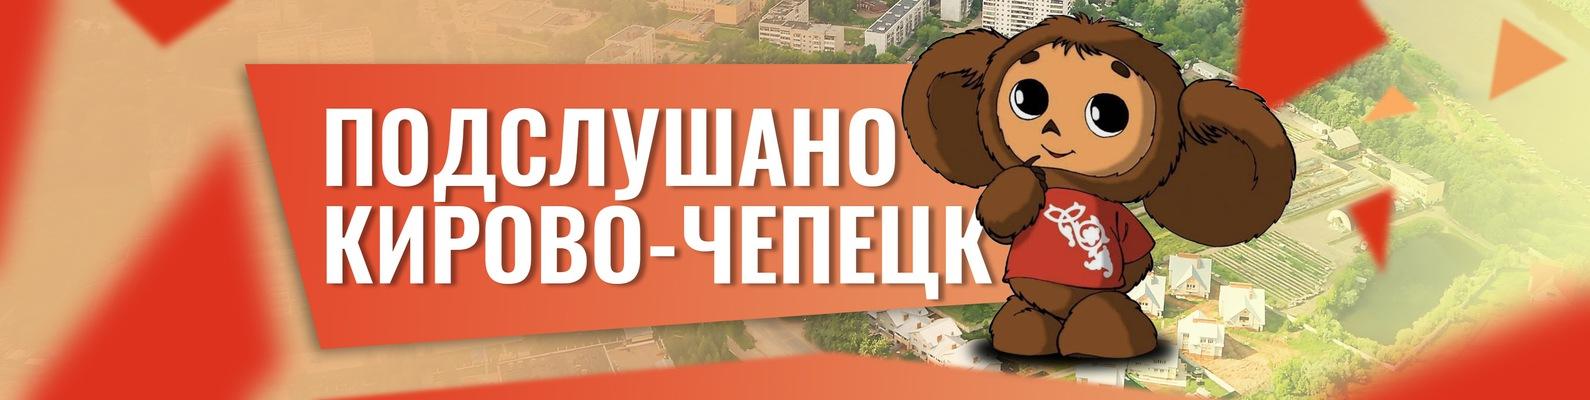 Дом престарелых в кирово-чепецке через сколько выписывают дом престарелых в малаховке